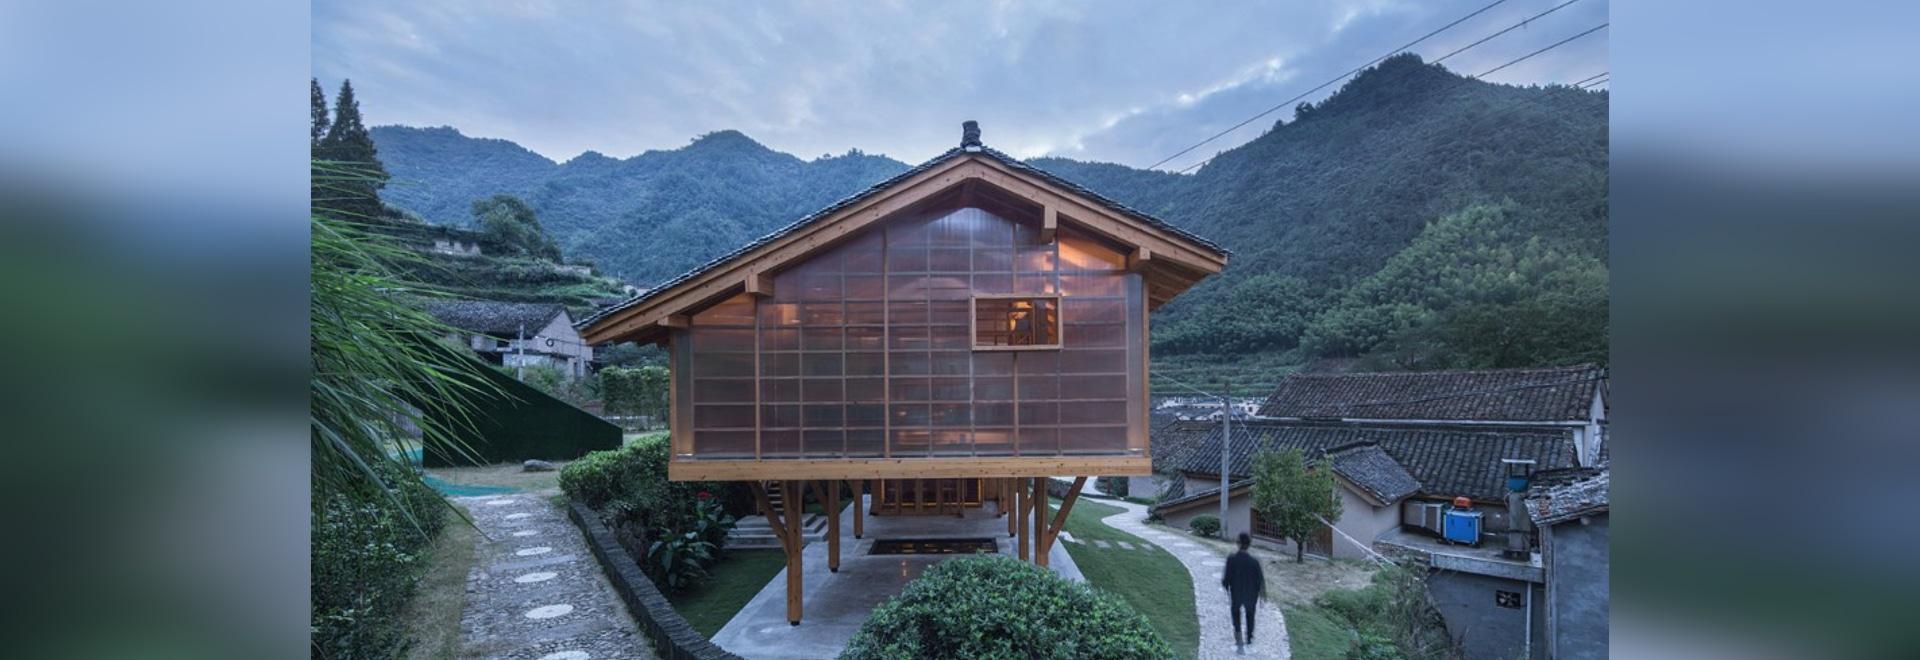 La biblioteca en Liangjiashan se eleva en los zancos para crear un cuadrado cubierto